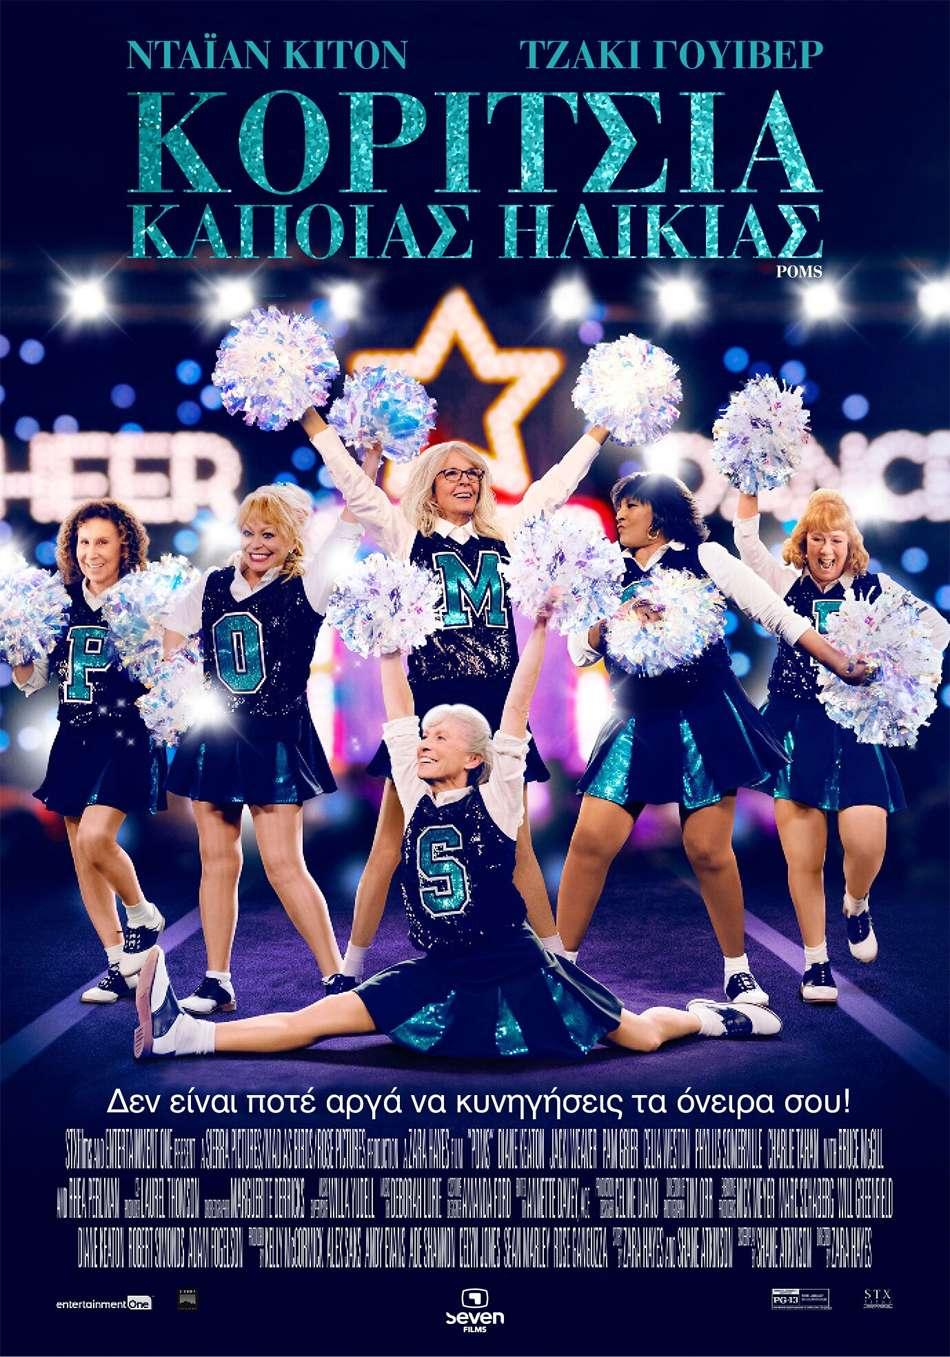 Κορίτσια κάποιας ηλικίας (Poms) Poster Πόστερ